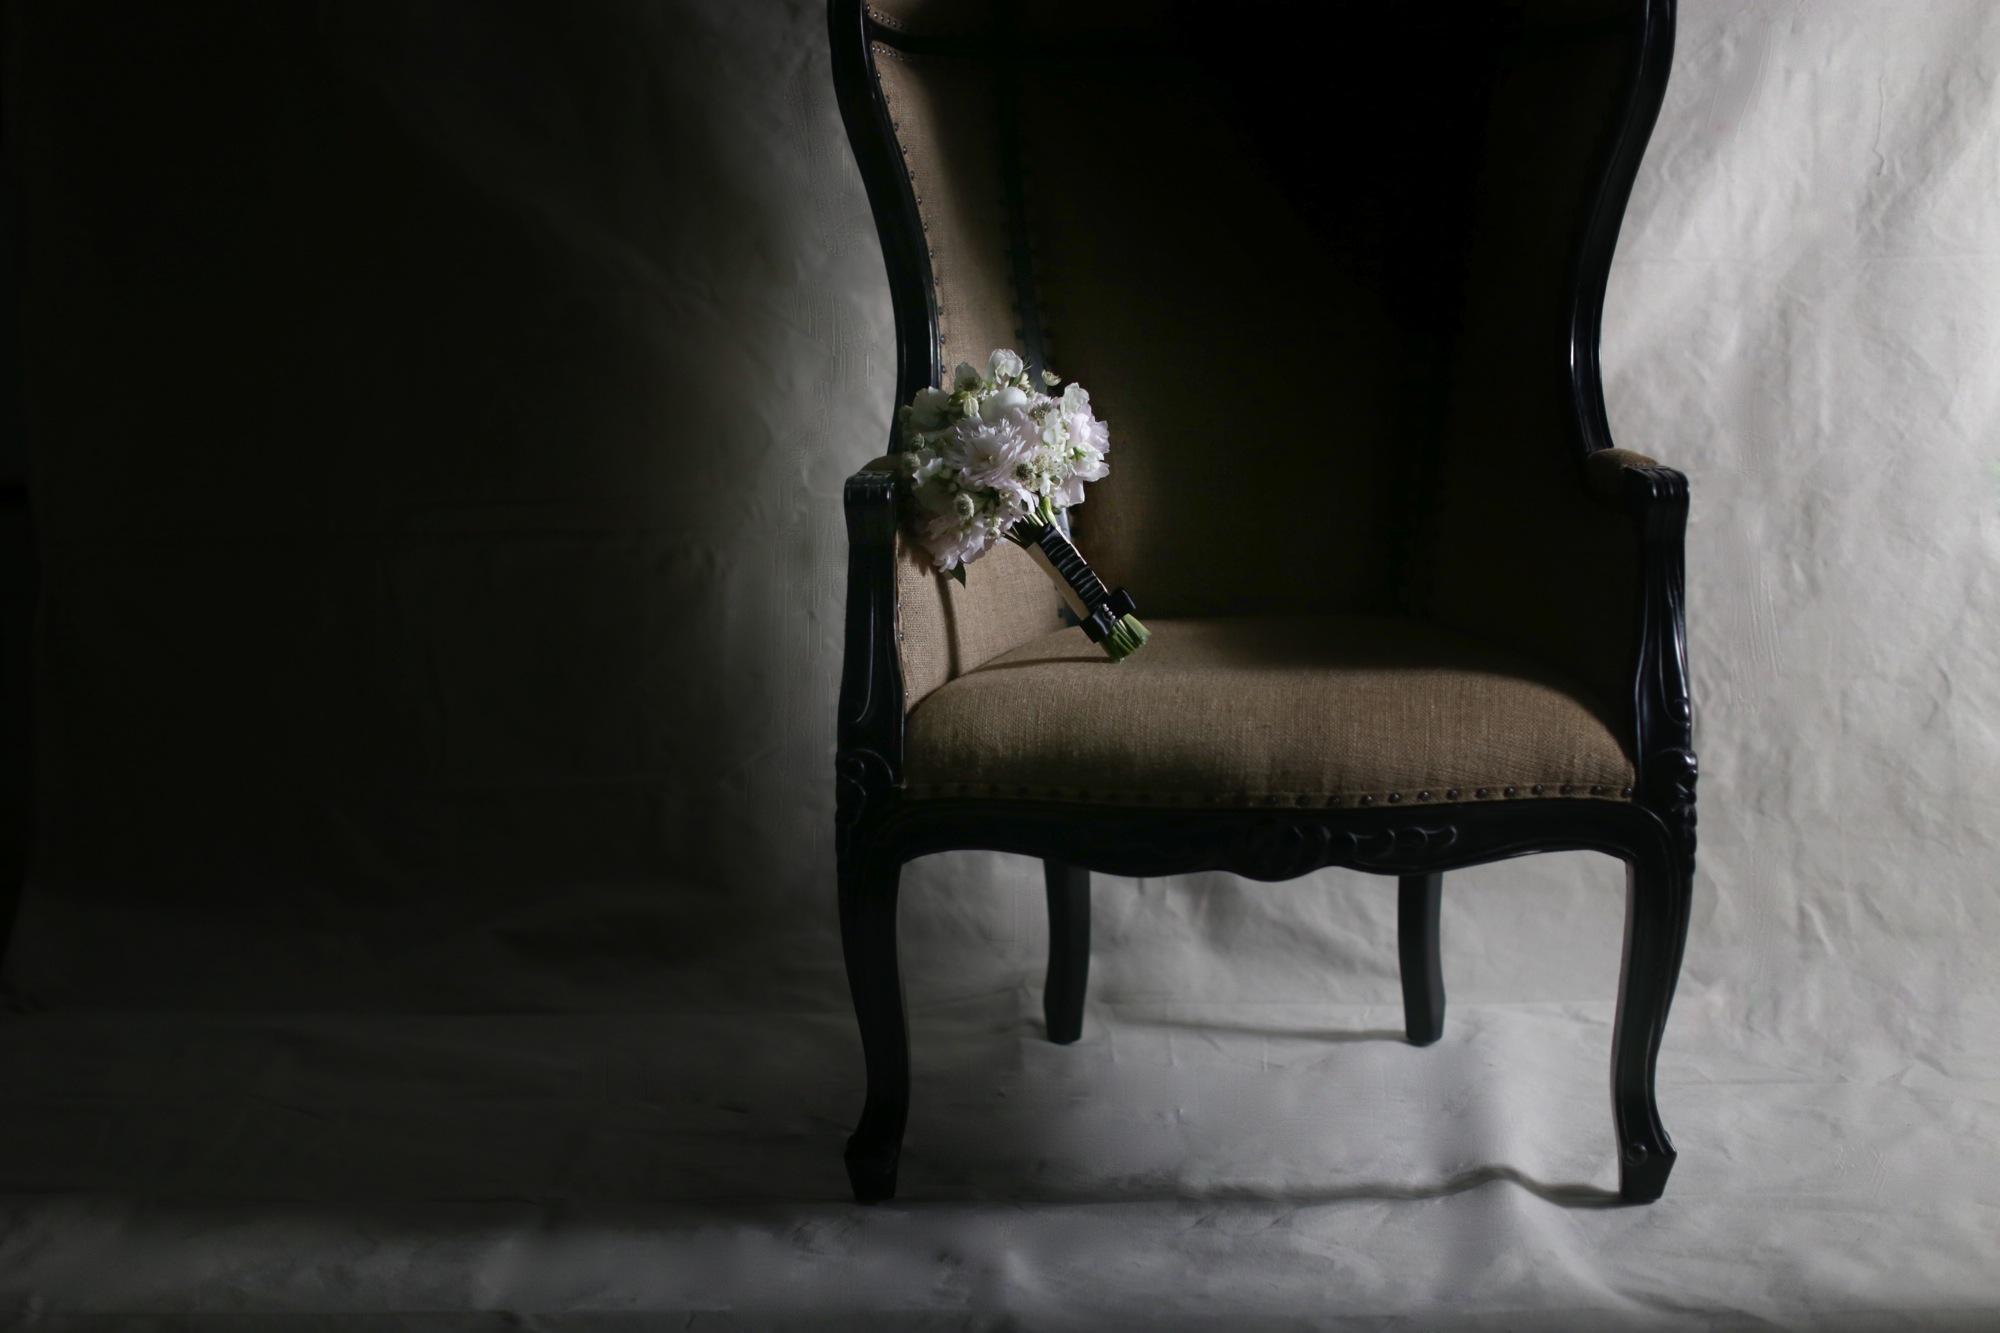 chanel_wedding30bouquets.jpg